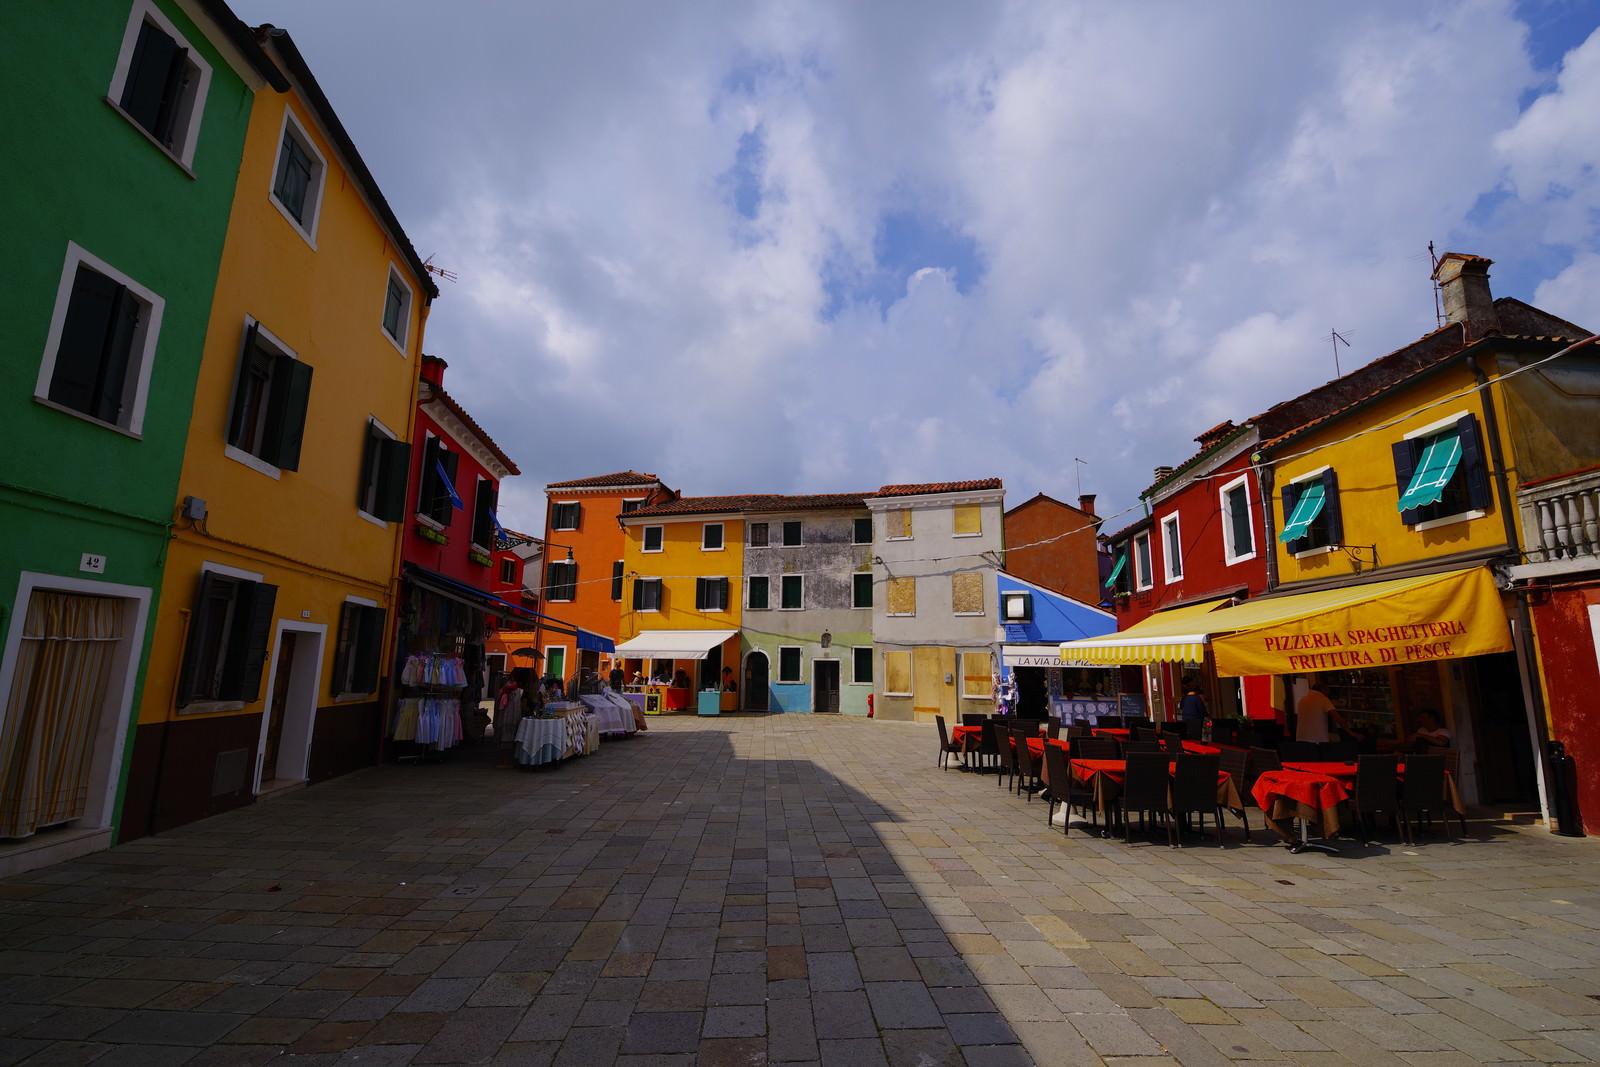 「ブラーノ島の鮮やかな街並み(イタリア)」の写真